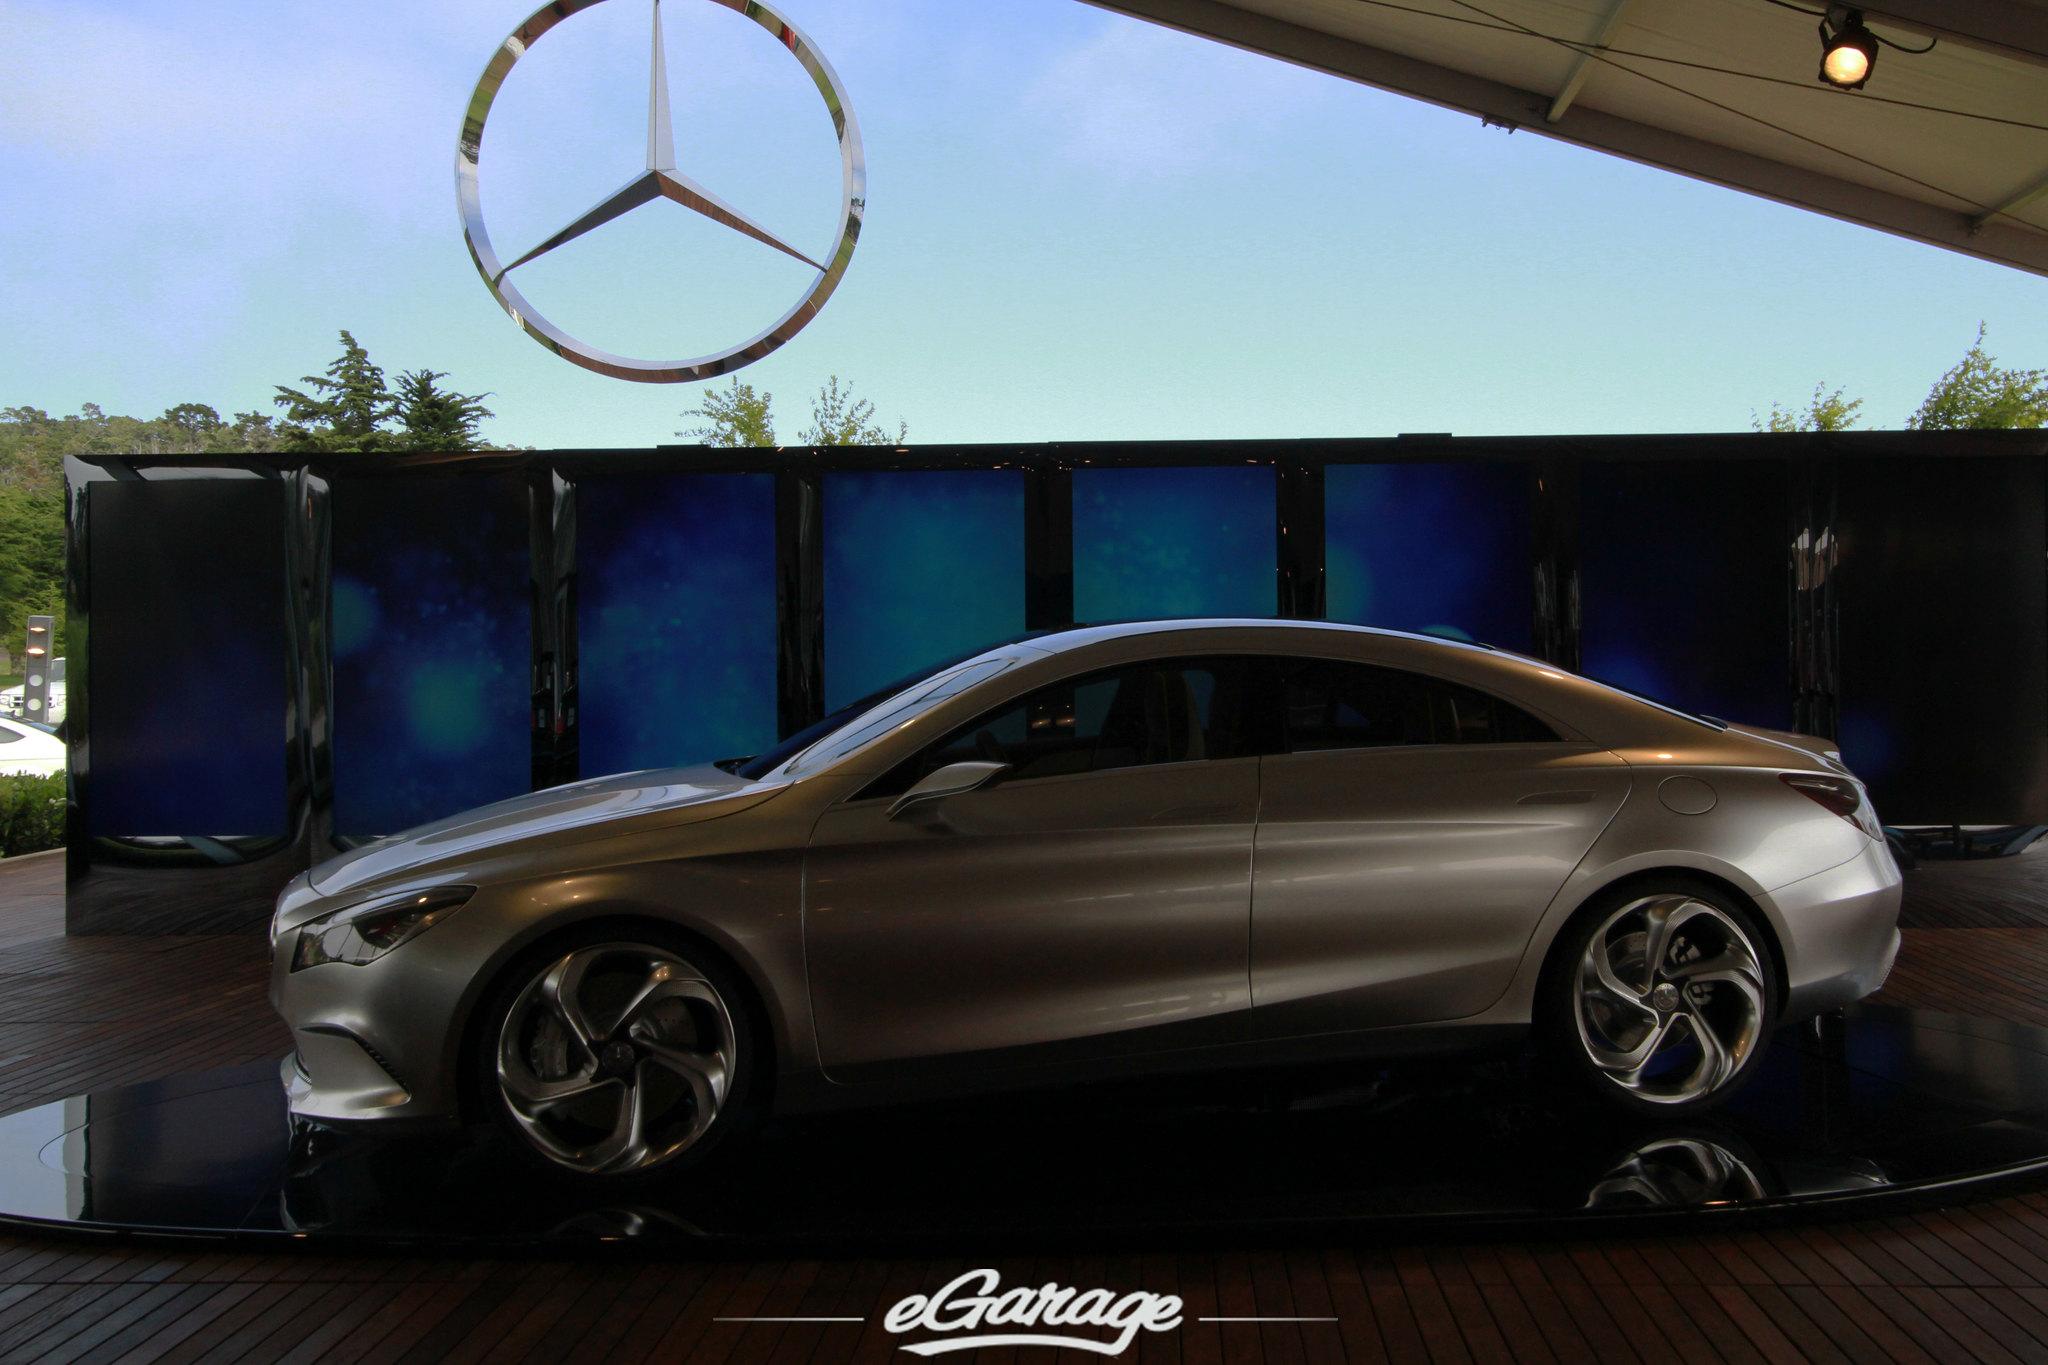 7828952384 ce2f0176bf k Mercedes Benz Classic